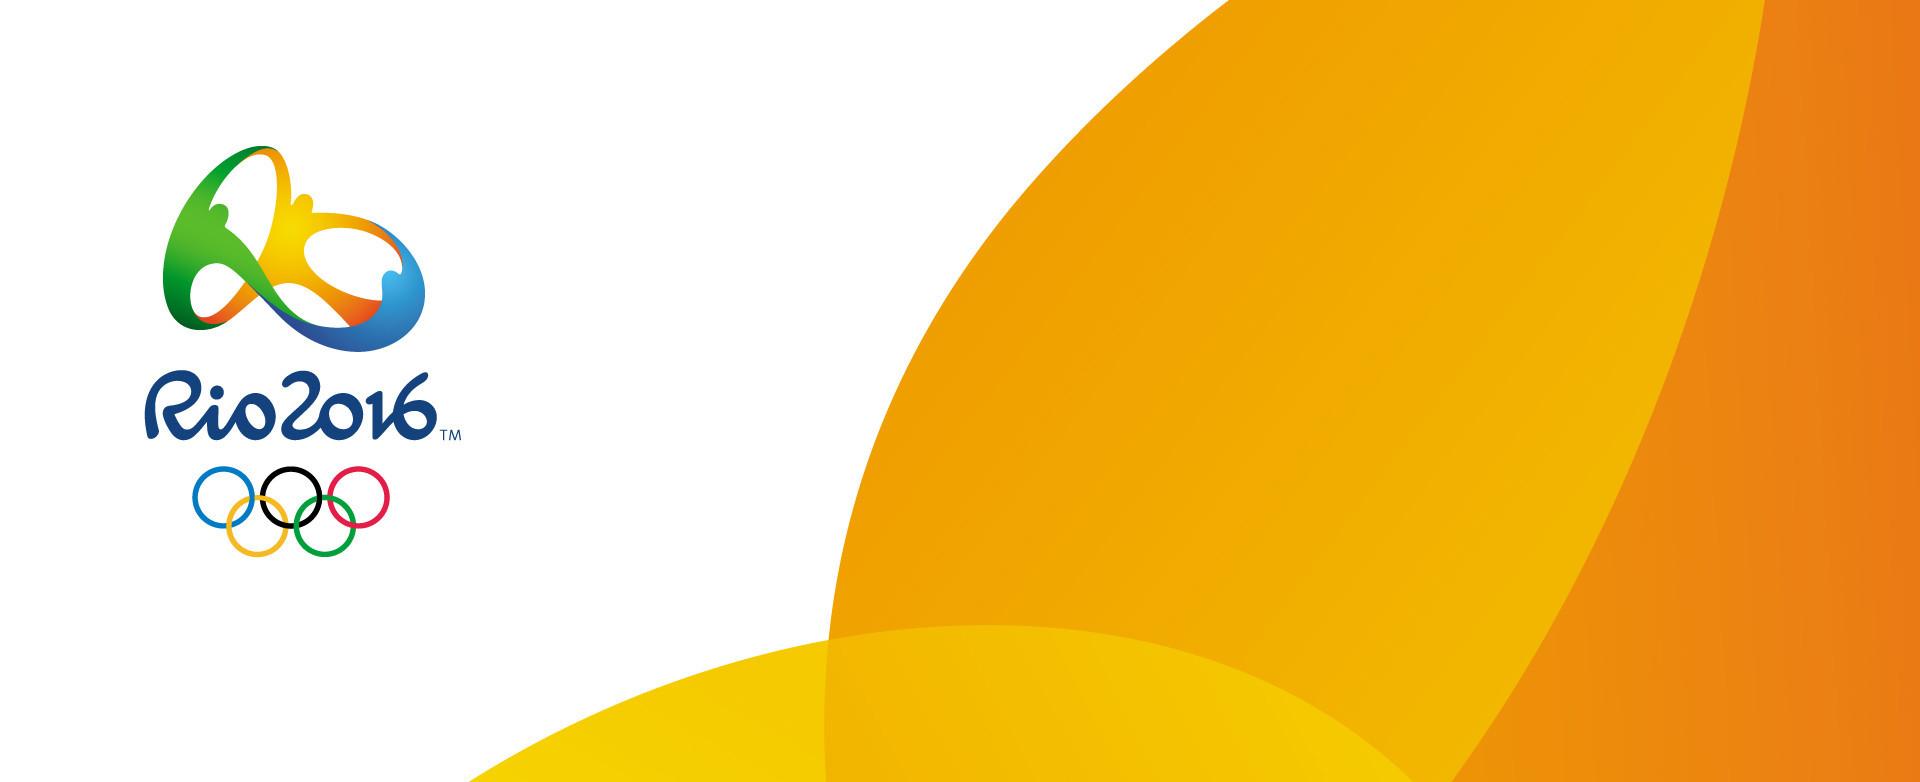 Открыта регистрация волонтёров Олимпийских игр РИО-2016